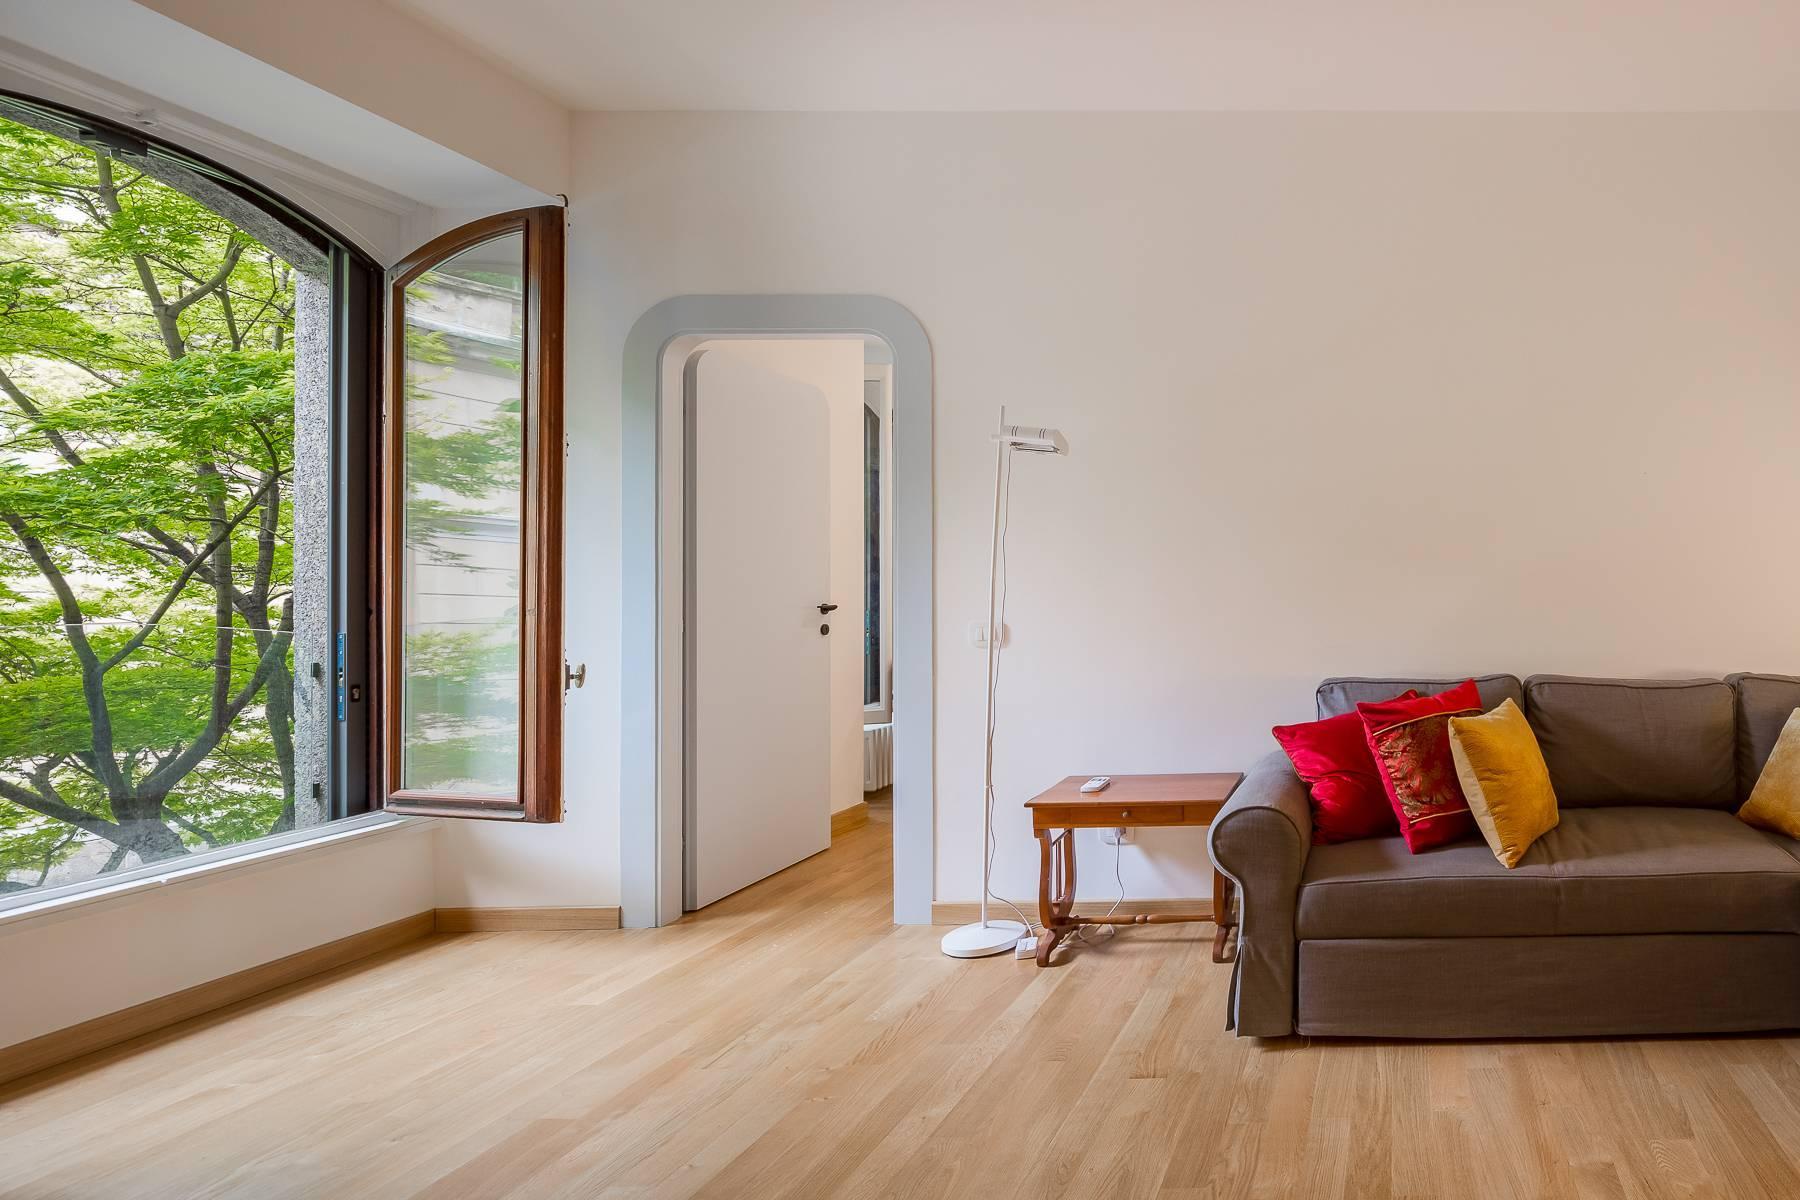 Renovierte Wohnung im eleganten antiken Gebäude - 10